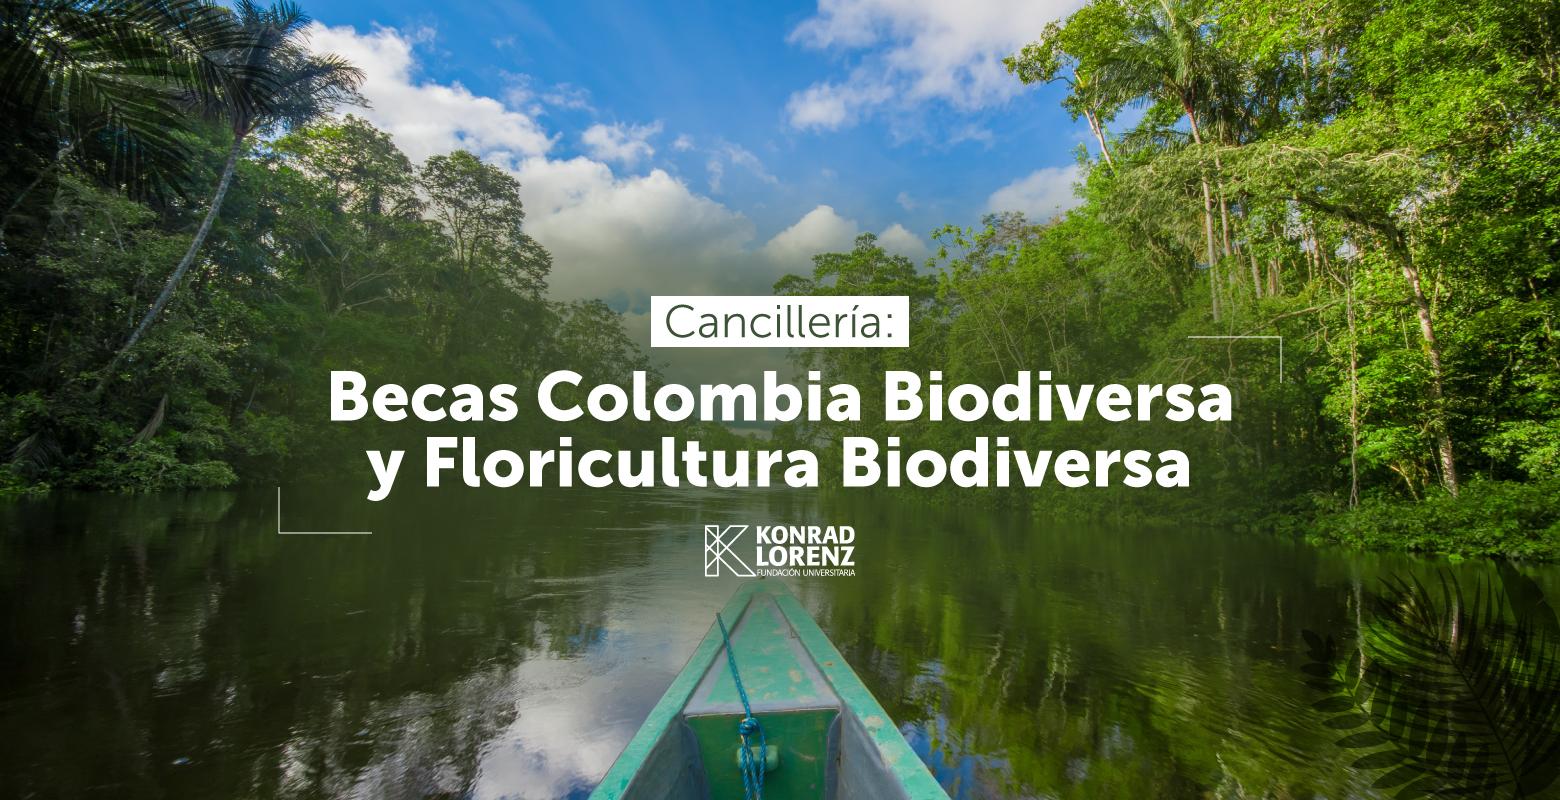 Becas Colombia Biodiversa y Floricultura Biodiversa